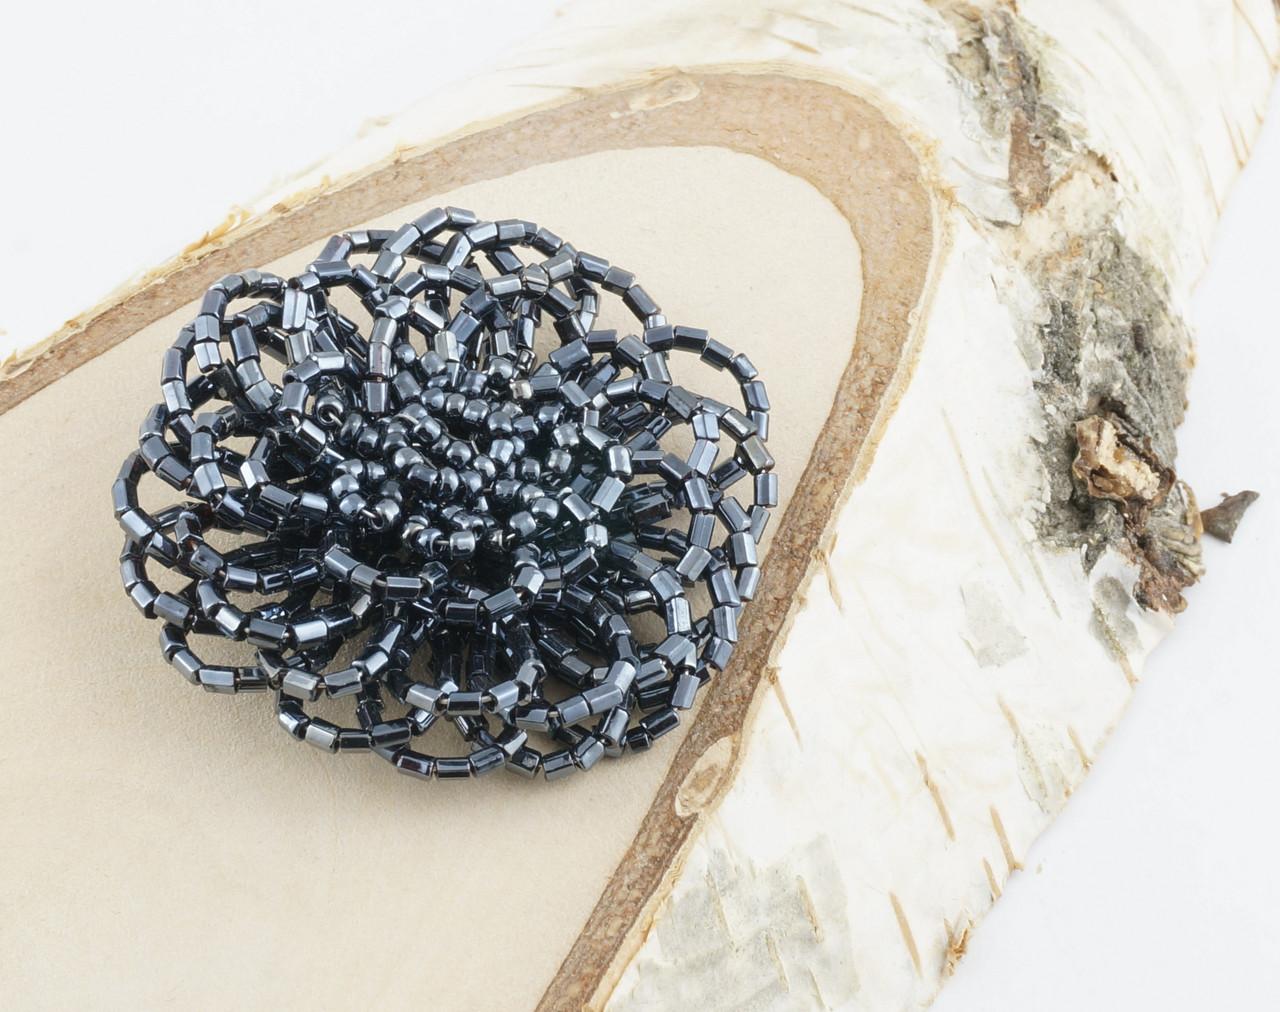 Елемент для украшения цветок из бисера 50мм - магазин-студия Цацки в Чернигове